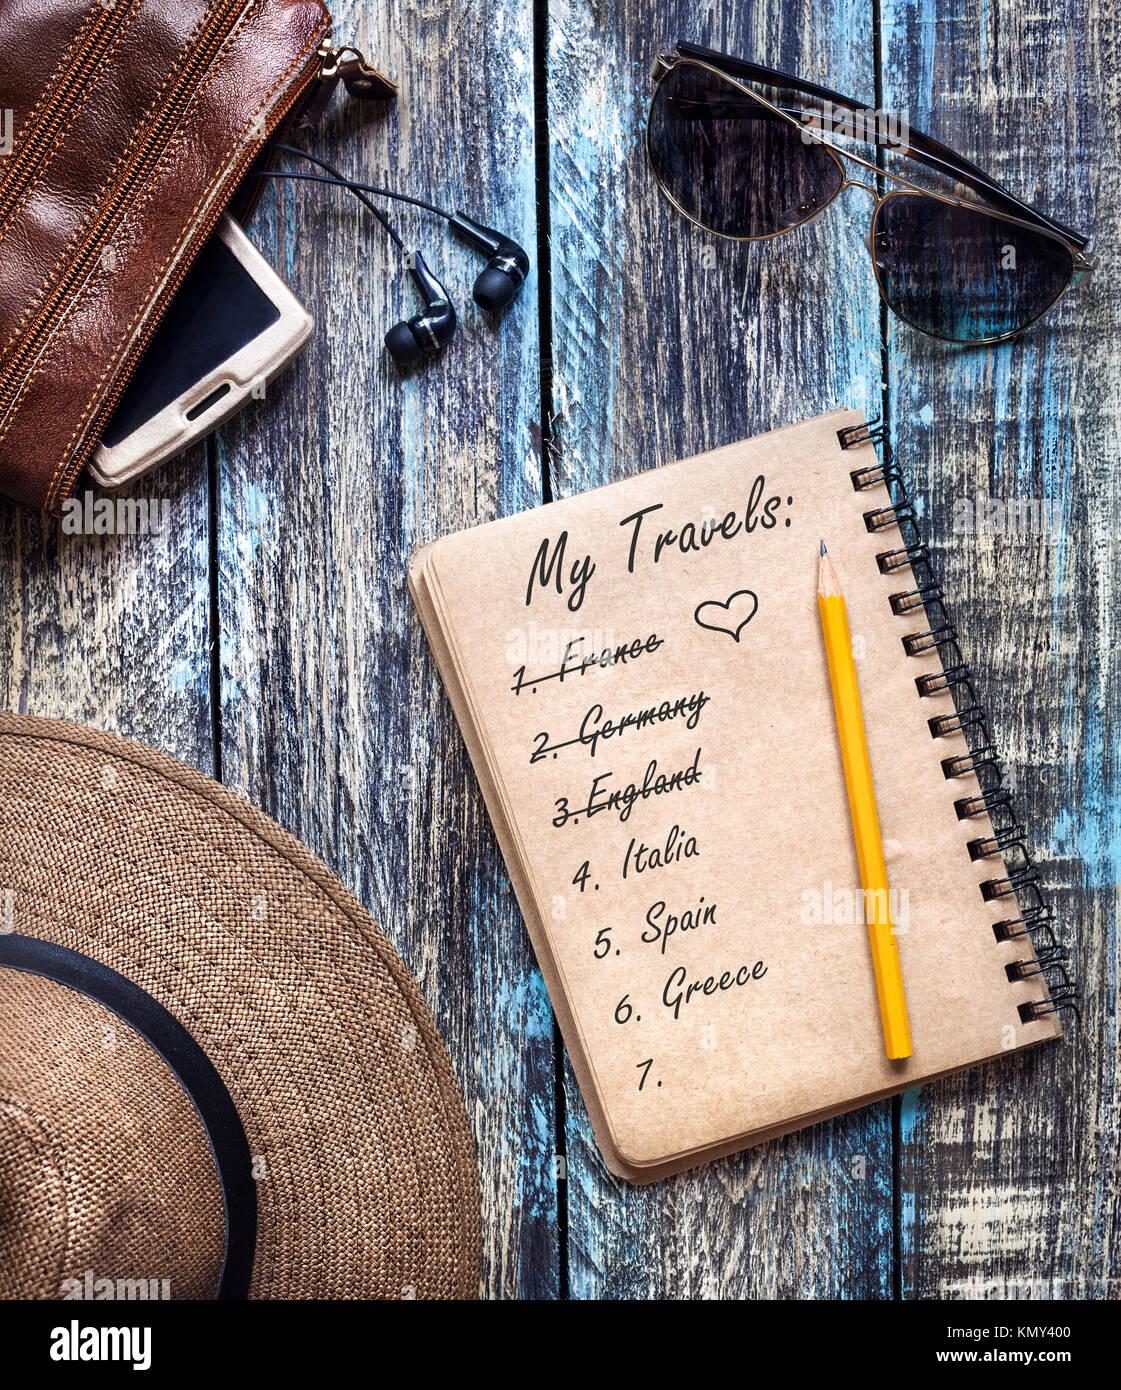 Vintage Papier Tagebuch mit Travel Dream Liste der Länder Europas auf Holz rustikale Tabelle Stockbild